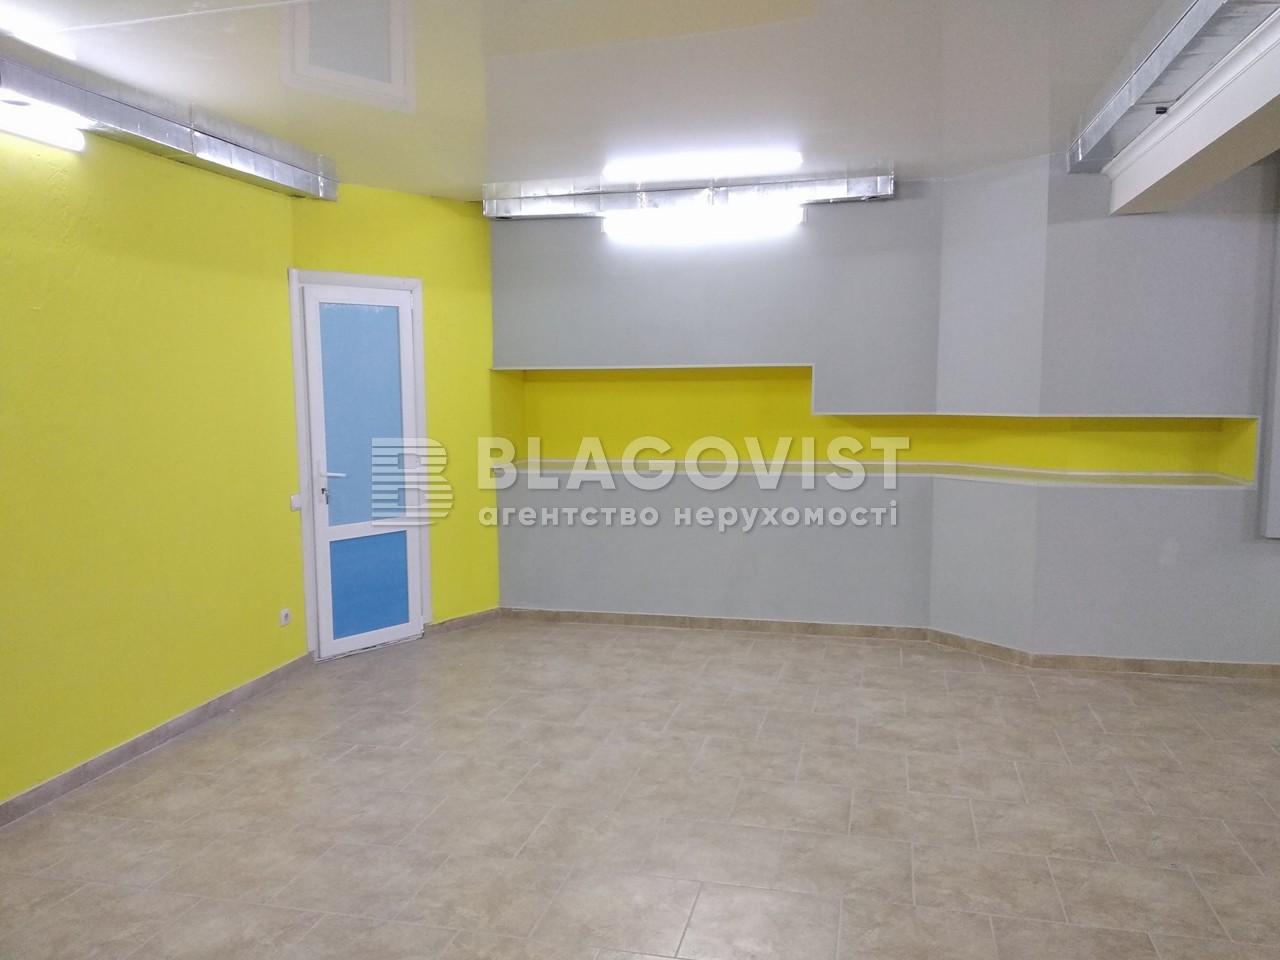 Нежилое помещение, D-34757, Гетьмана Вадима (Индустриальная), Киев - Фото 6